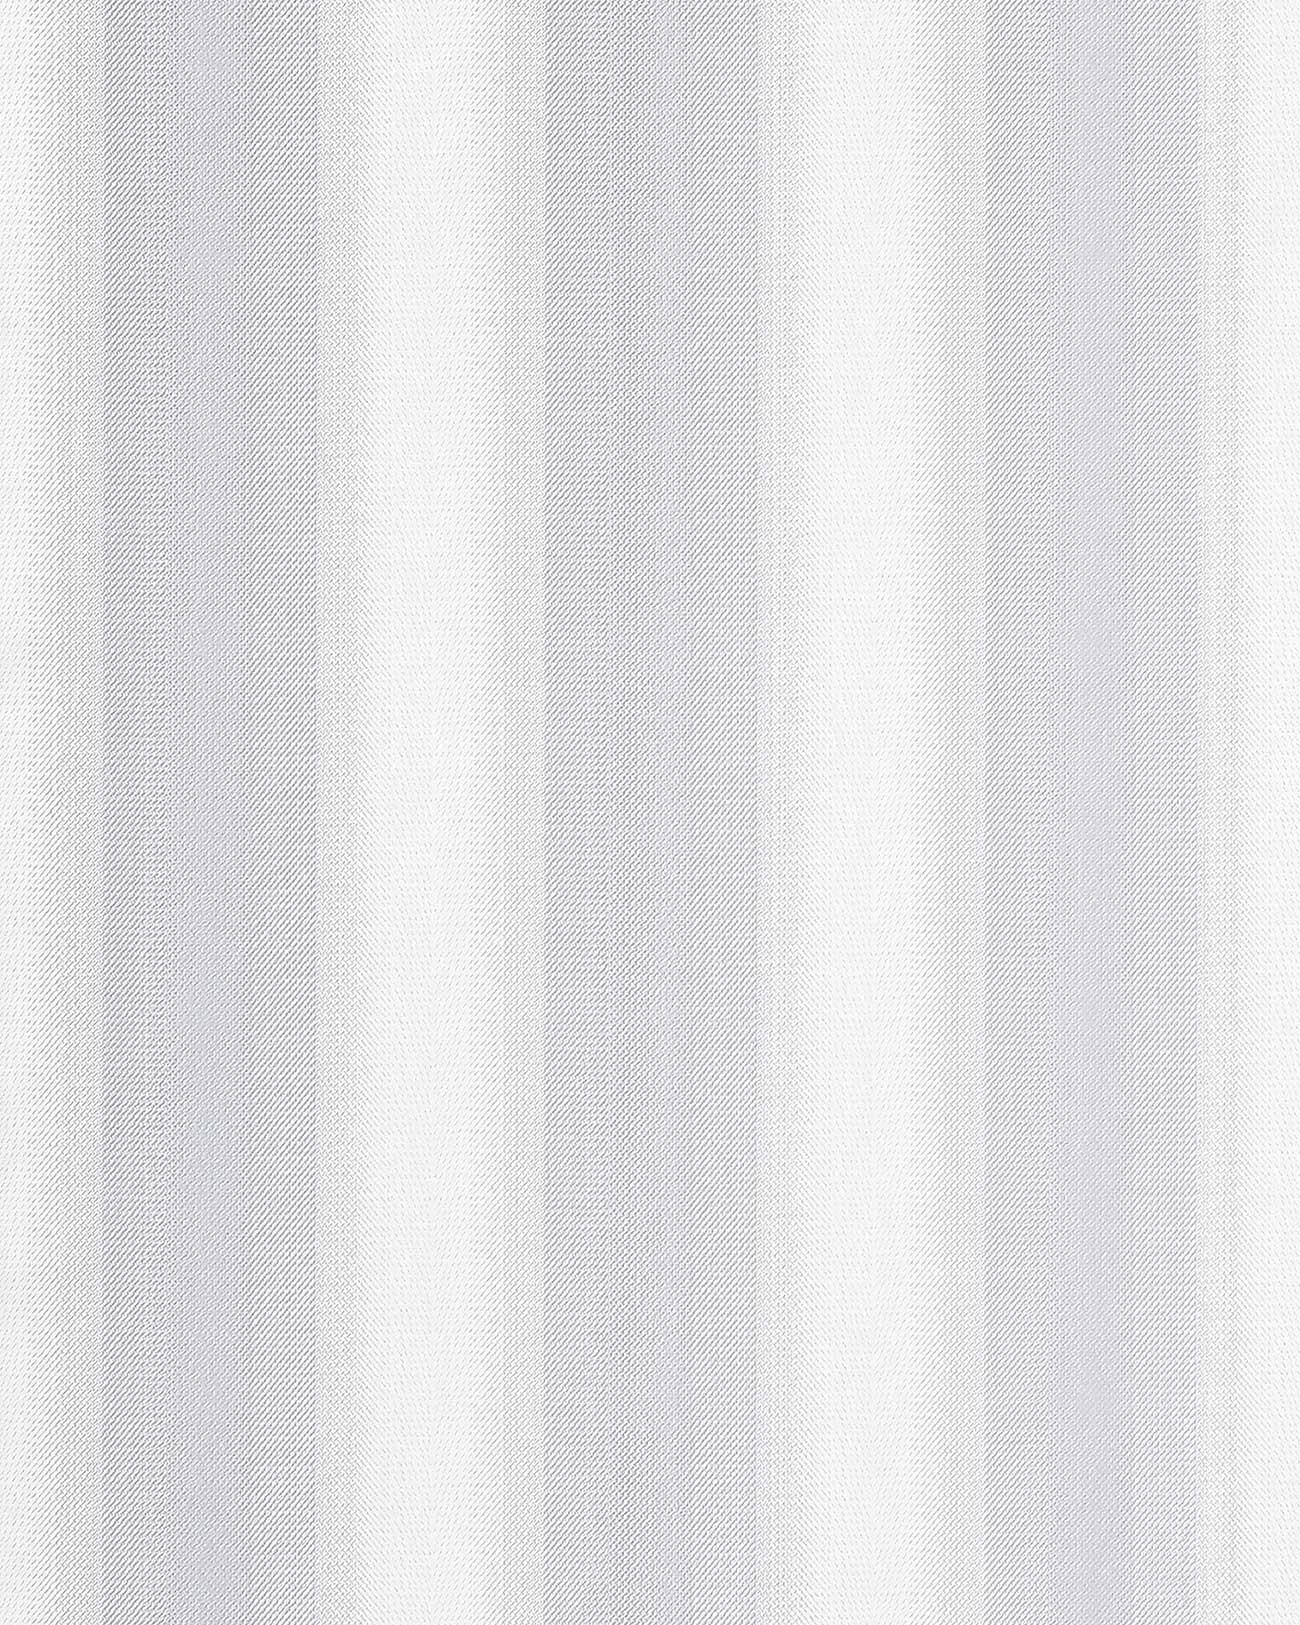 Papel pintado texturado de dise o a rayas edem 085 20 gris - Papel pintado diseno ...